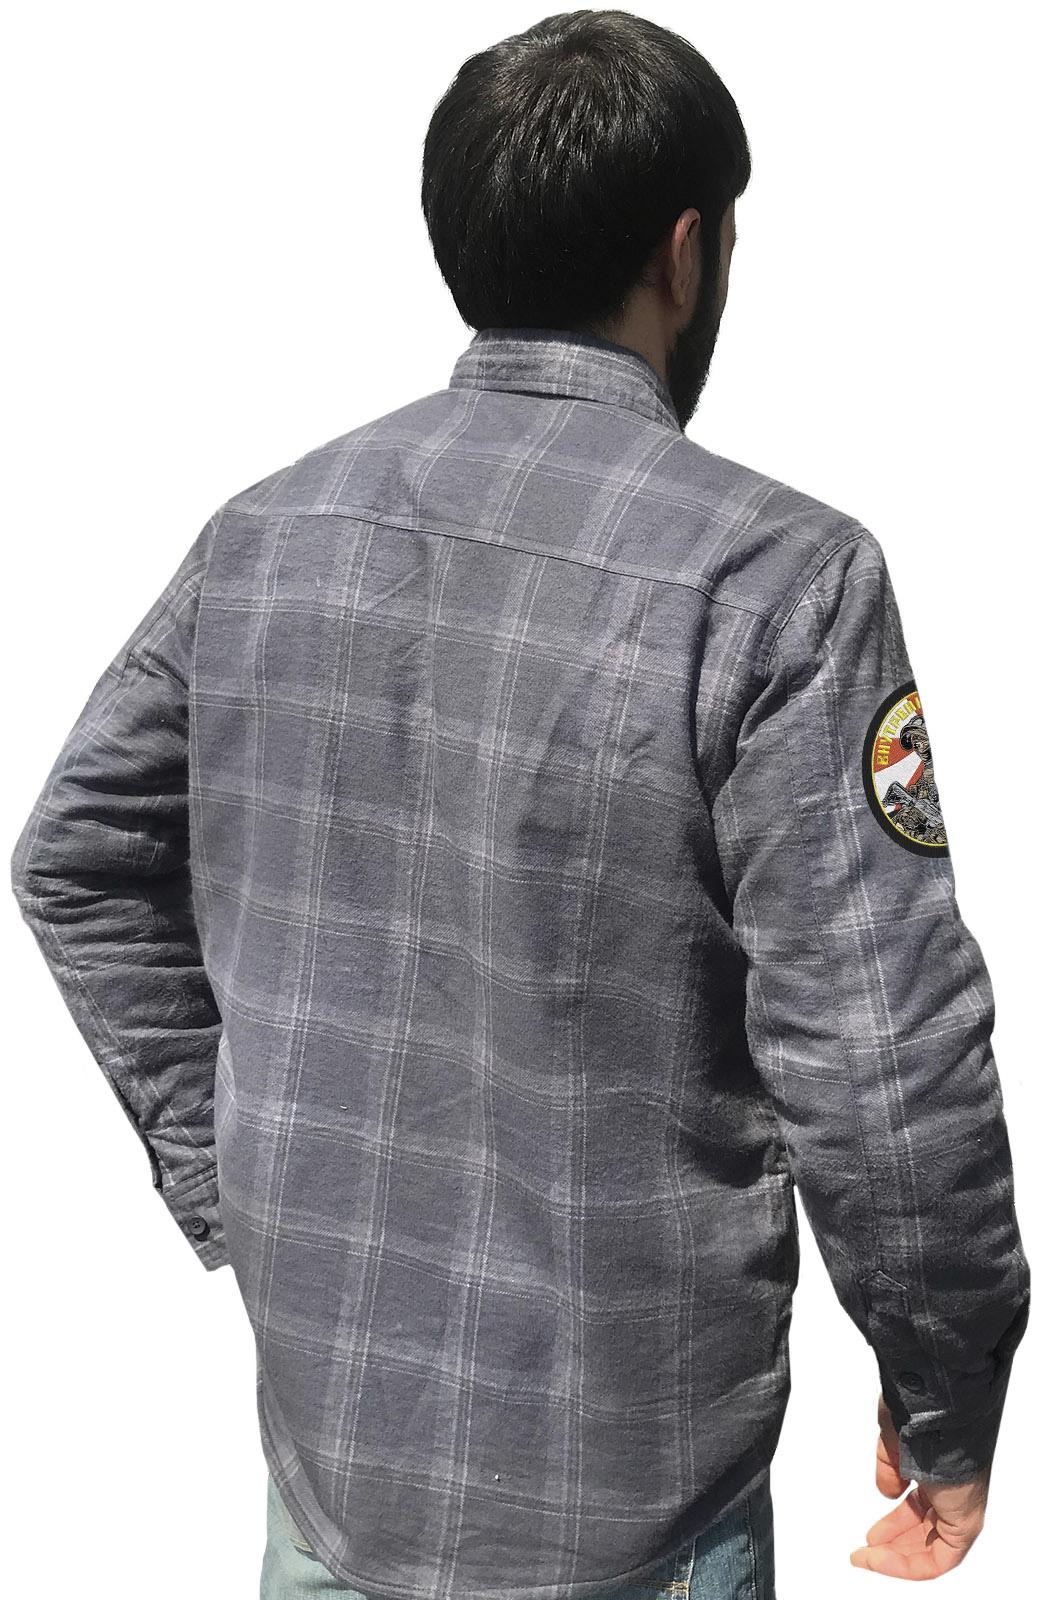 Мужская рубашка с эмблемой Внутренних войск заказать с доставкой